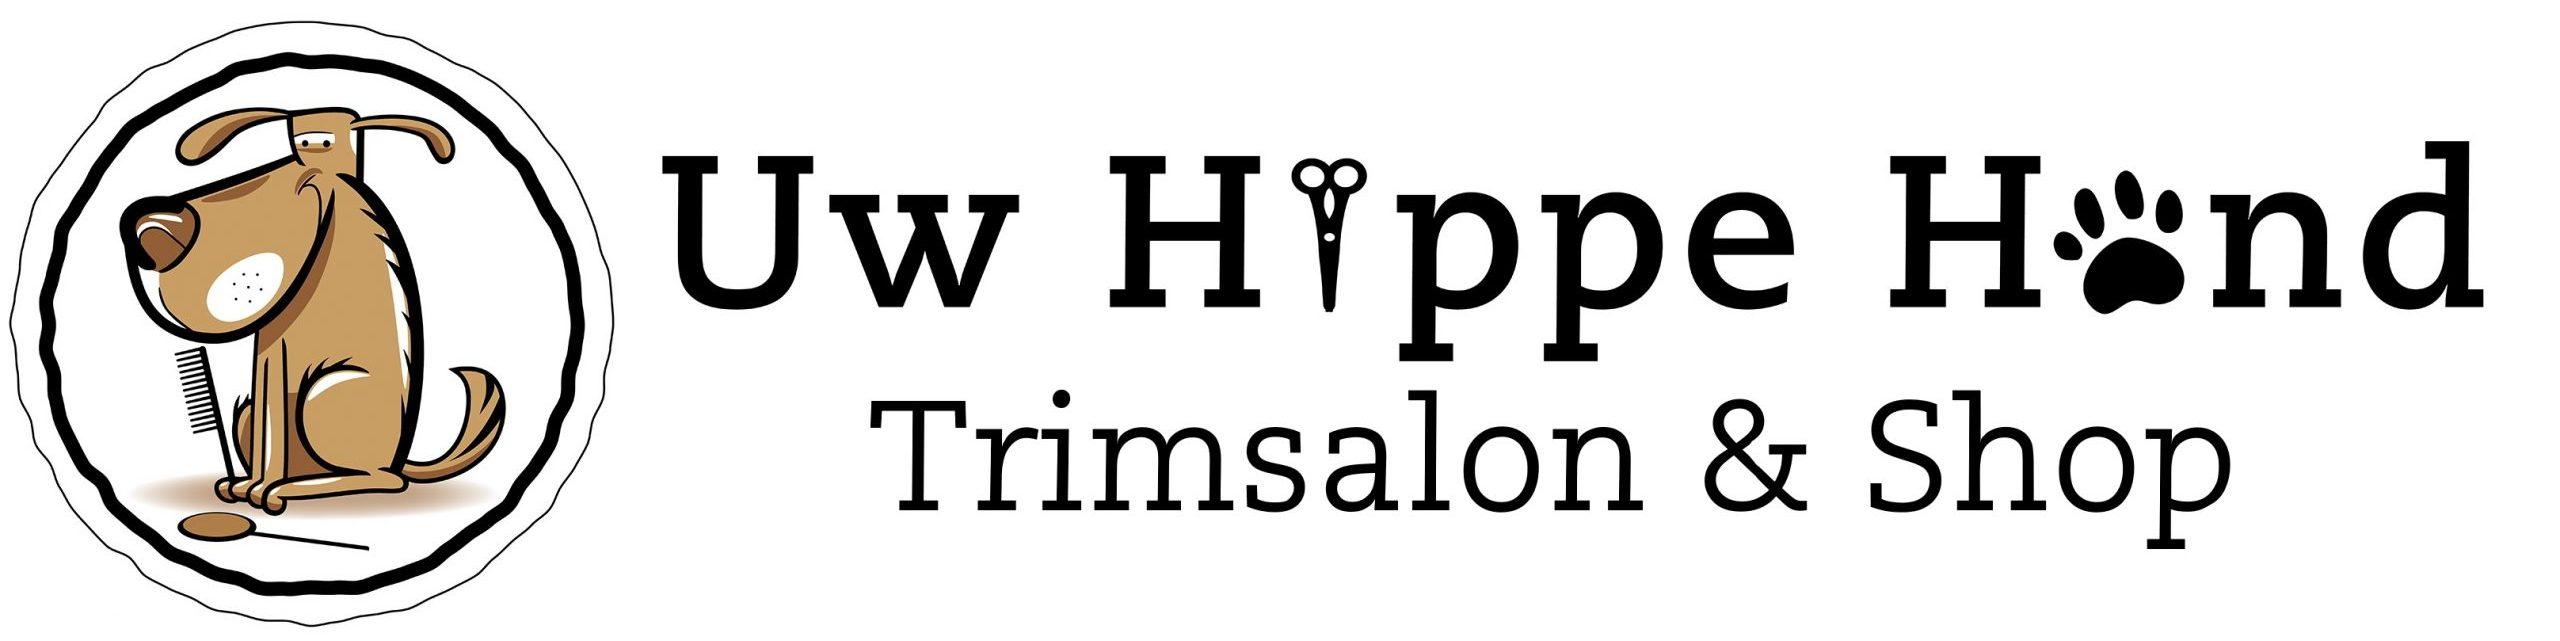 Uw Hippe Hond – Trimsalon & Shop – Winterswijk